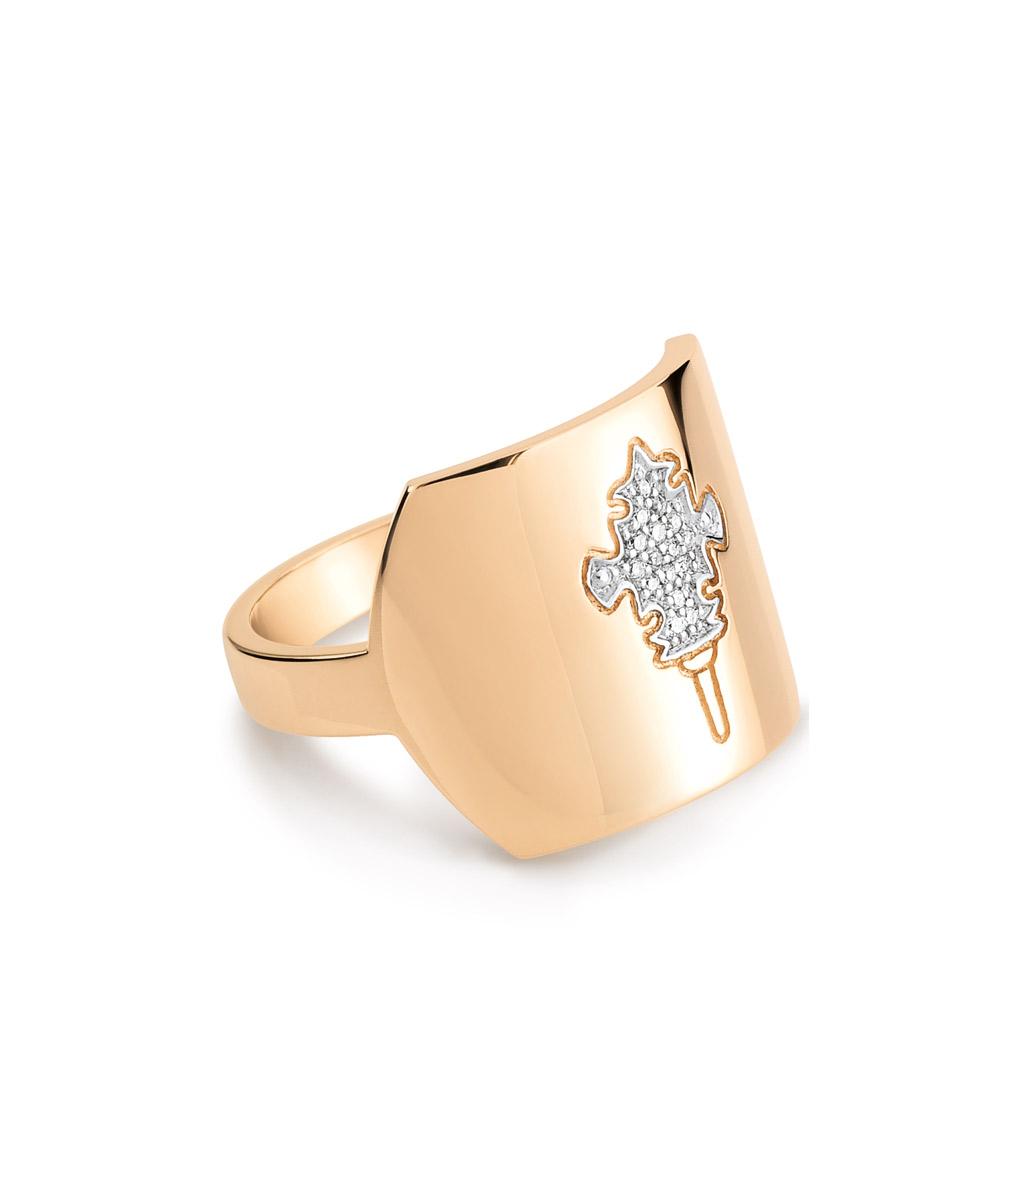 Bague Tanger Large Or et Diamants